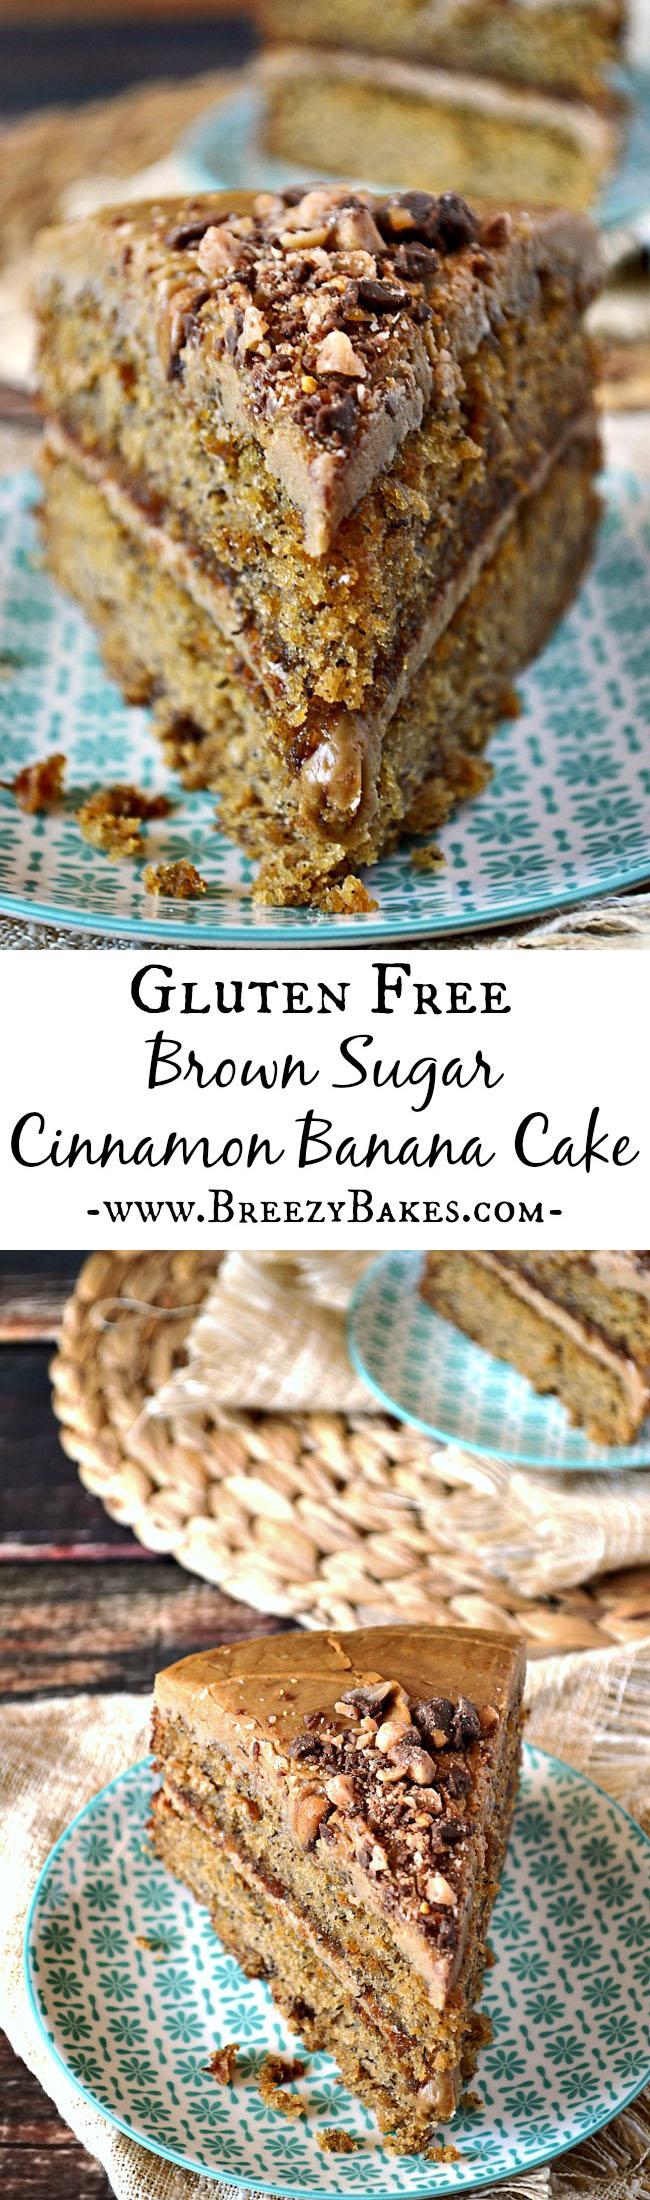 gluten free cinnamon banana cake